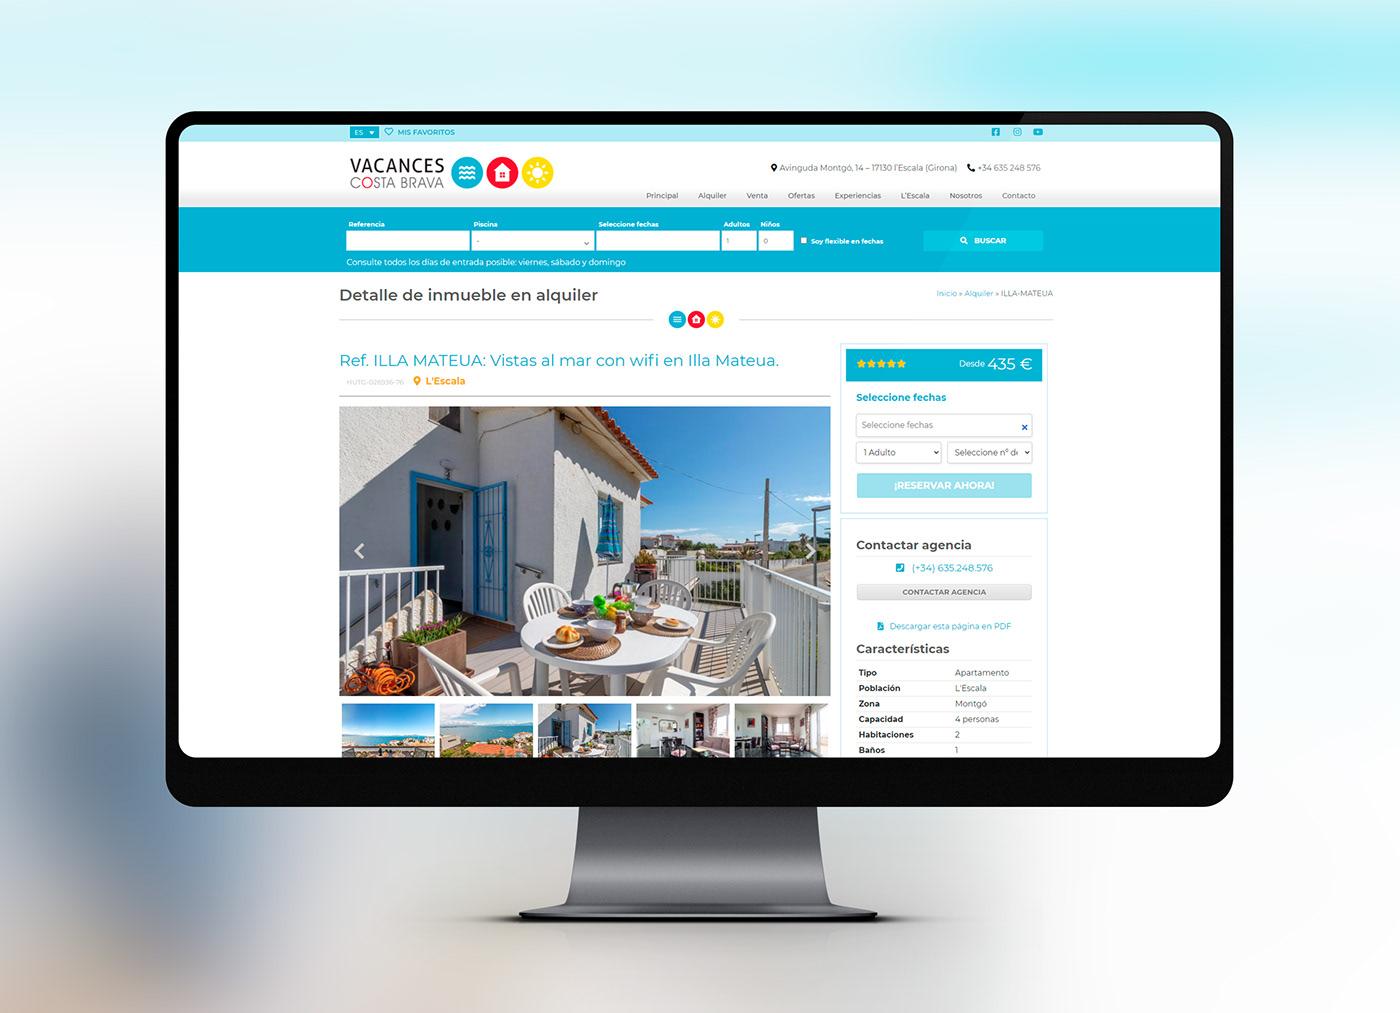 Image may contain: computer, screenshot and computer monitor